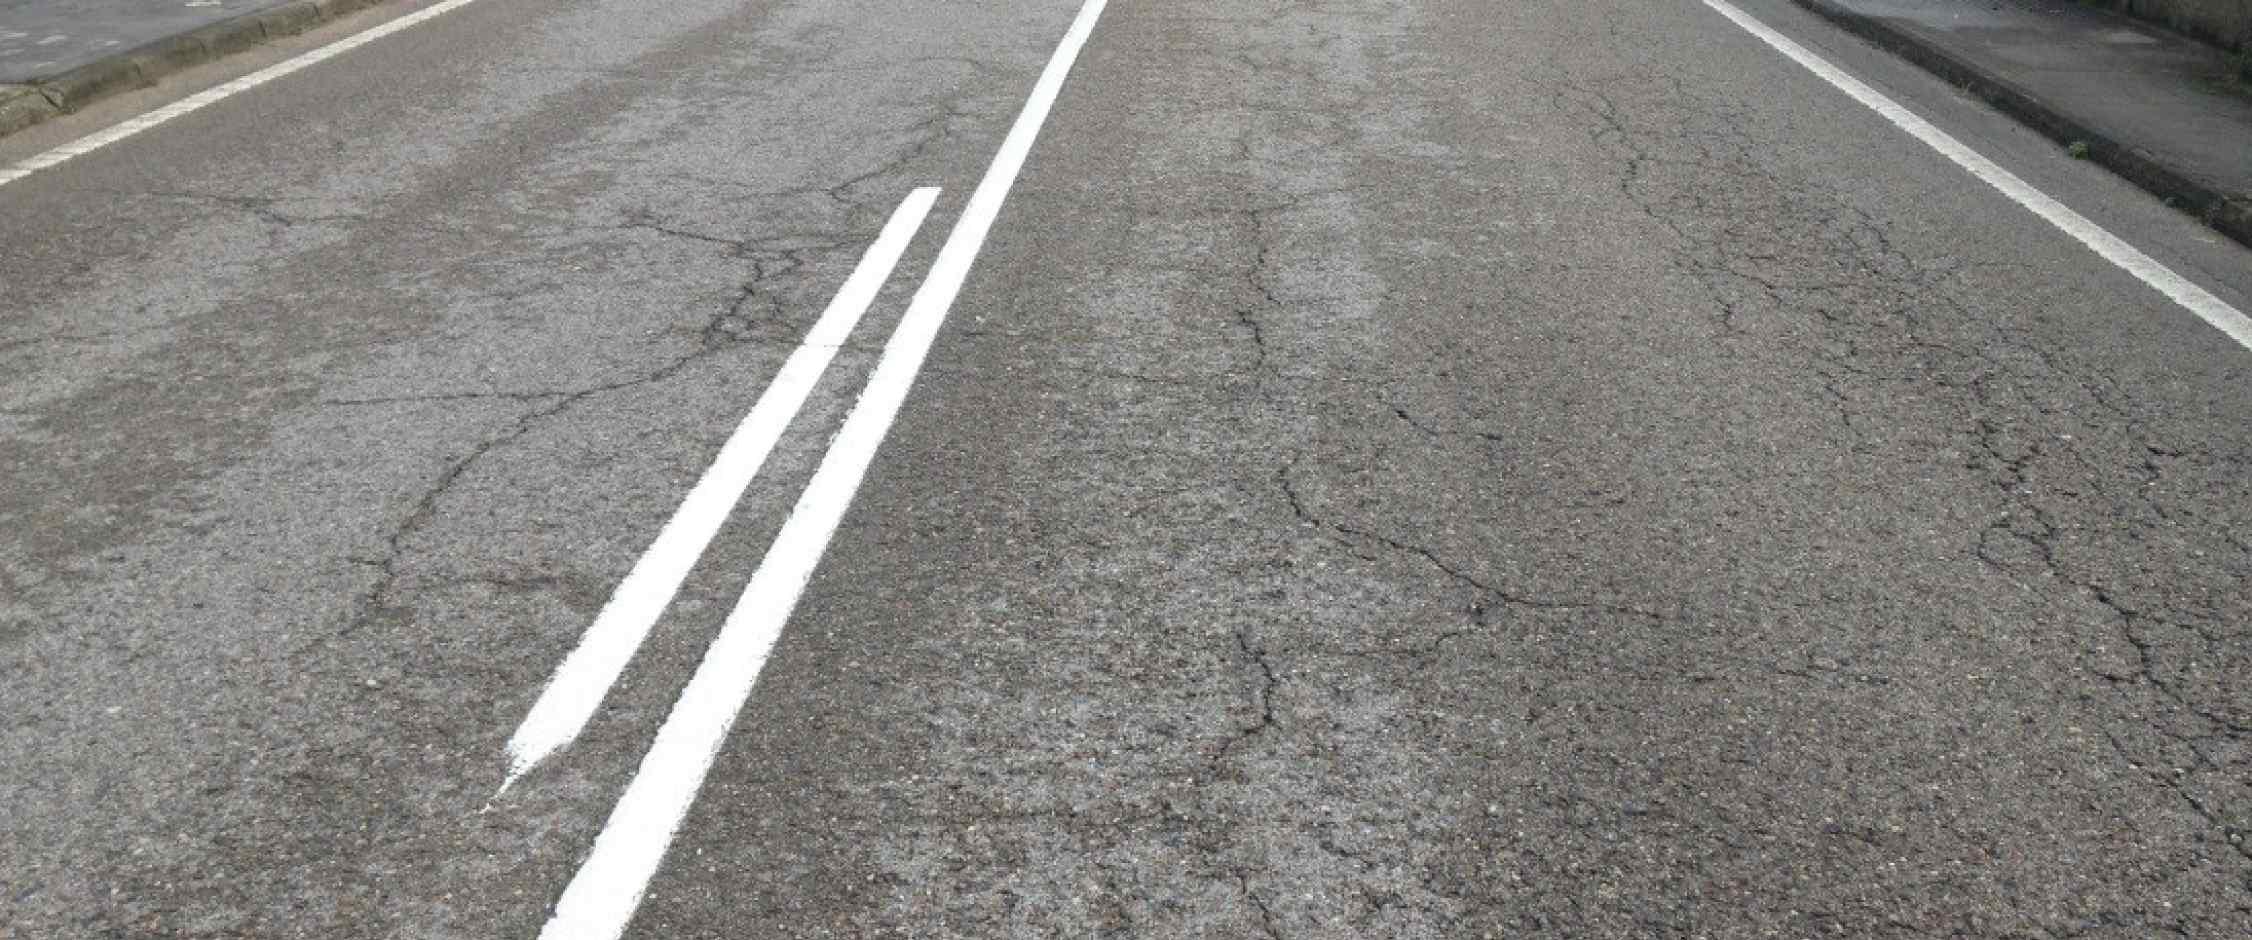 Inspección de carretera